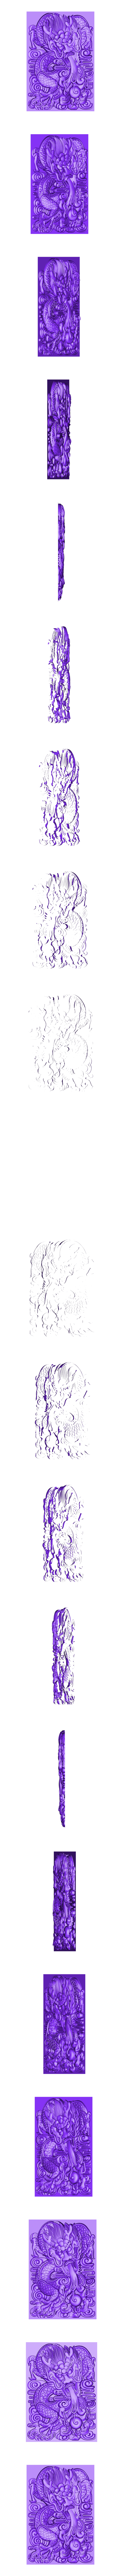 dragan.stl Télécharger fichier STL gratuit Dragon • Plan à imprimer en 3D, stlfilesfree